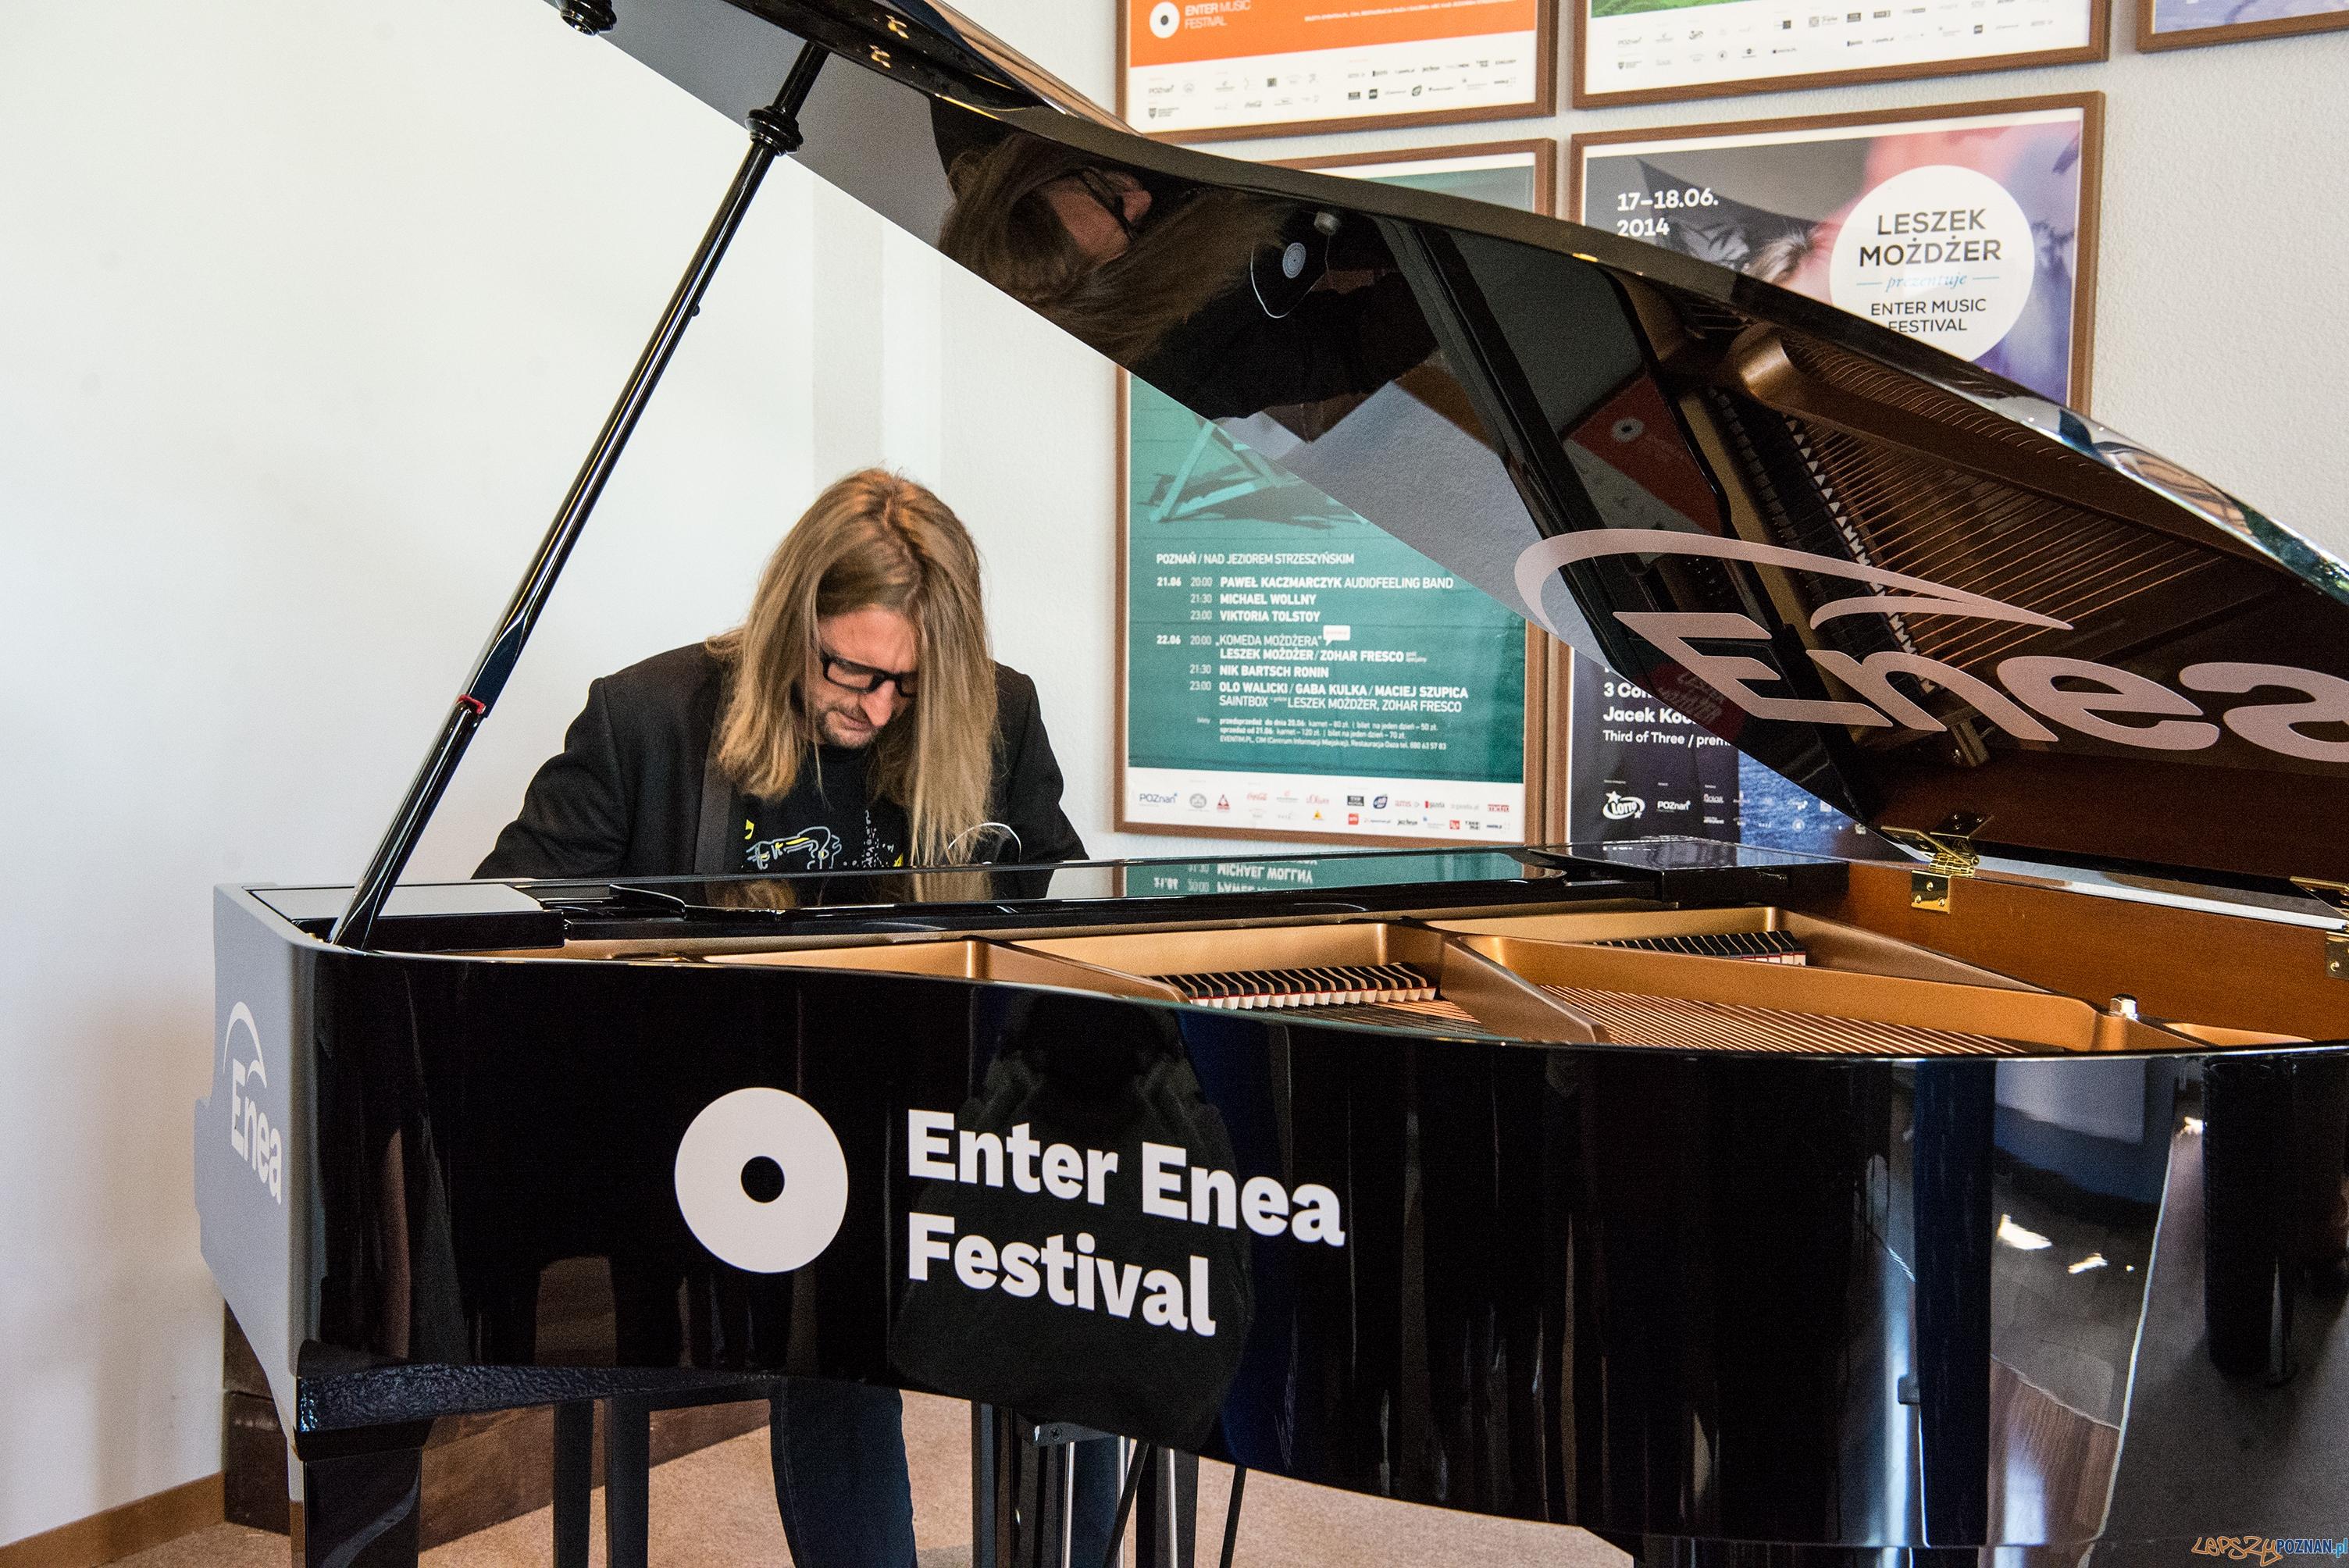 Fortepianowa edycja Enter Enea Festival  Foto: materiały prasowe